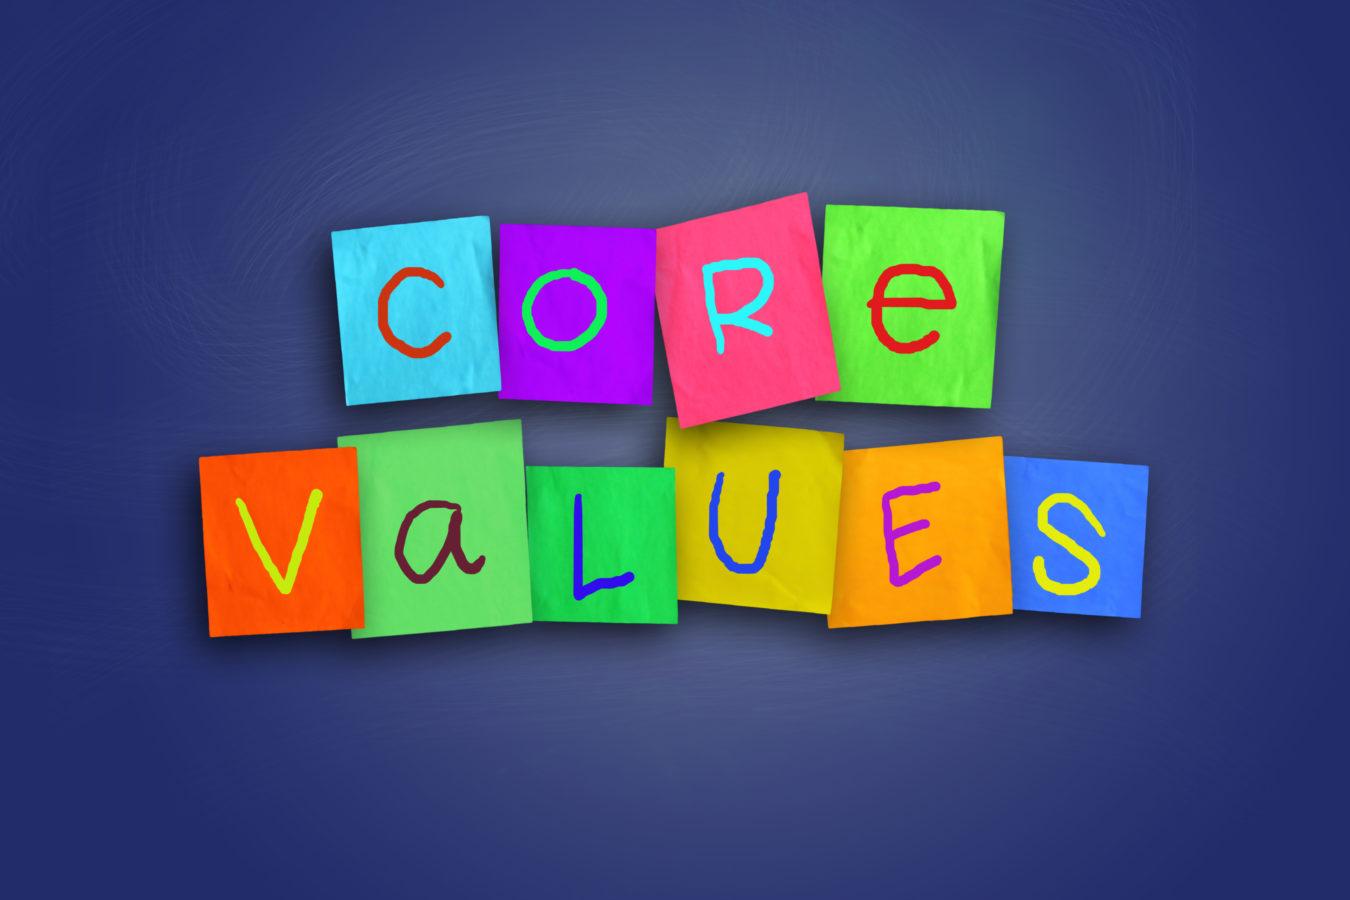 Les valeurs et la culture d'entreprise. Par Frank Stell